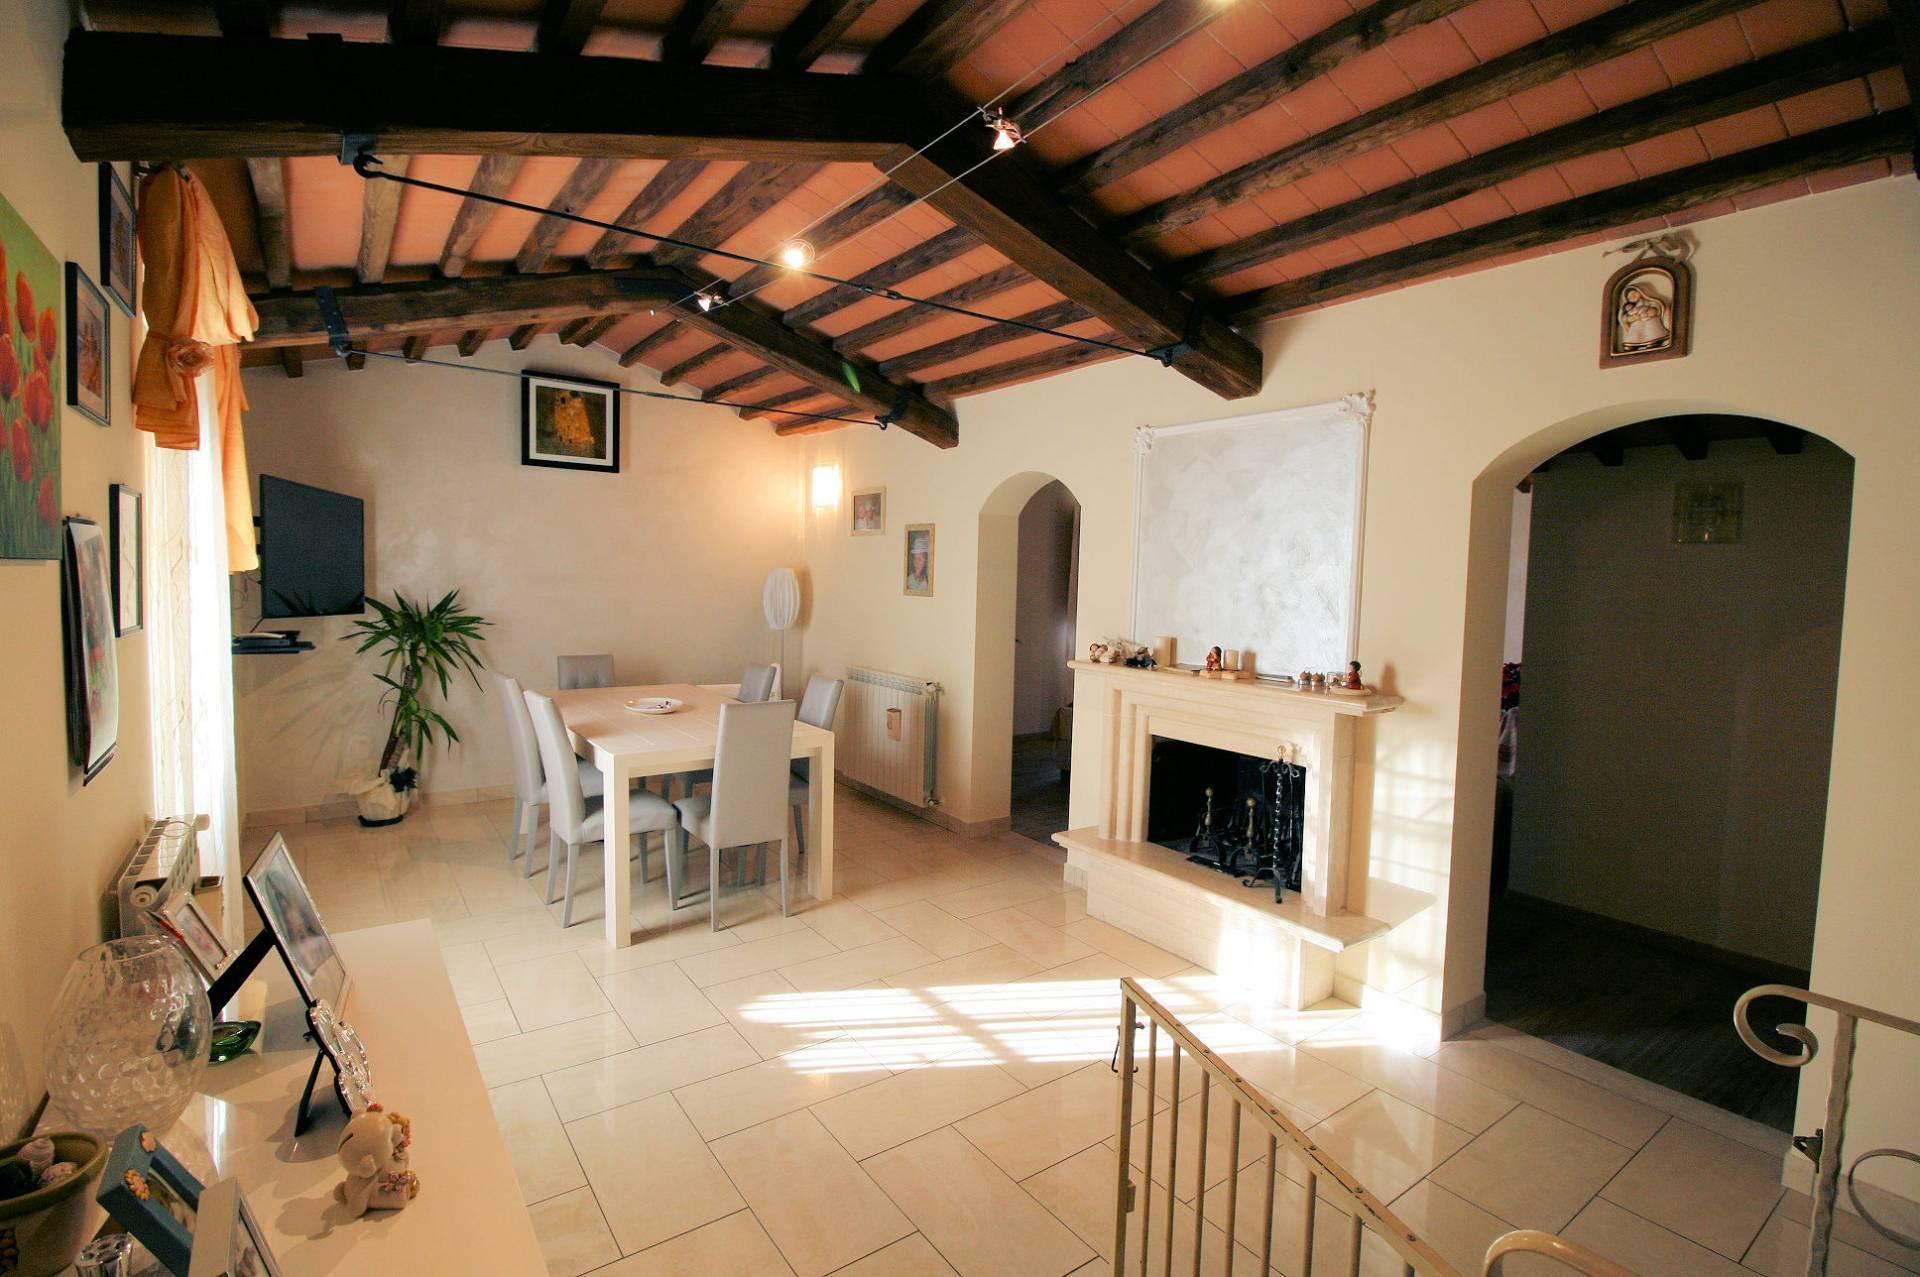 Rustico / Casale in vendita a Pescia, 5 locali, prezzo € 270.000 | Cambio Casa.it